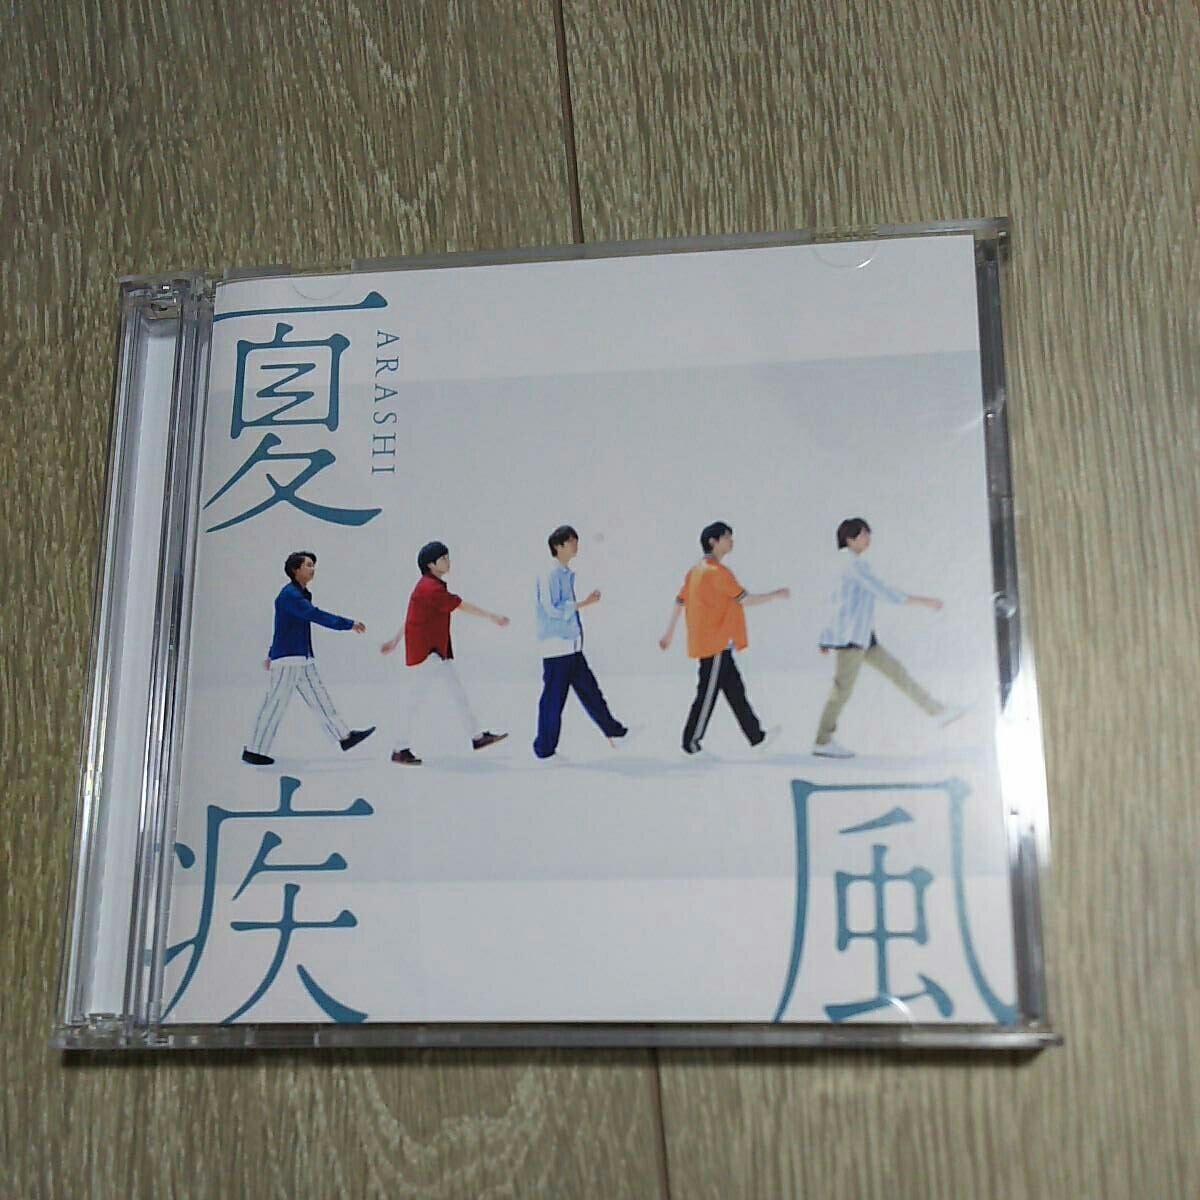 美品☆ 嵐 夏疾風 初回限定盤 CD+DVD 熱闘甲子園テーマソング ARASHI ゆず